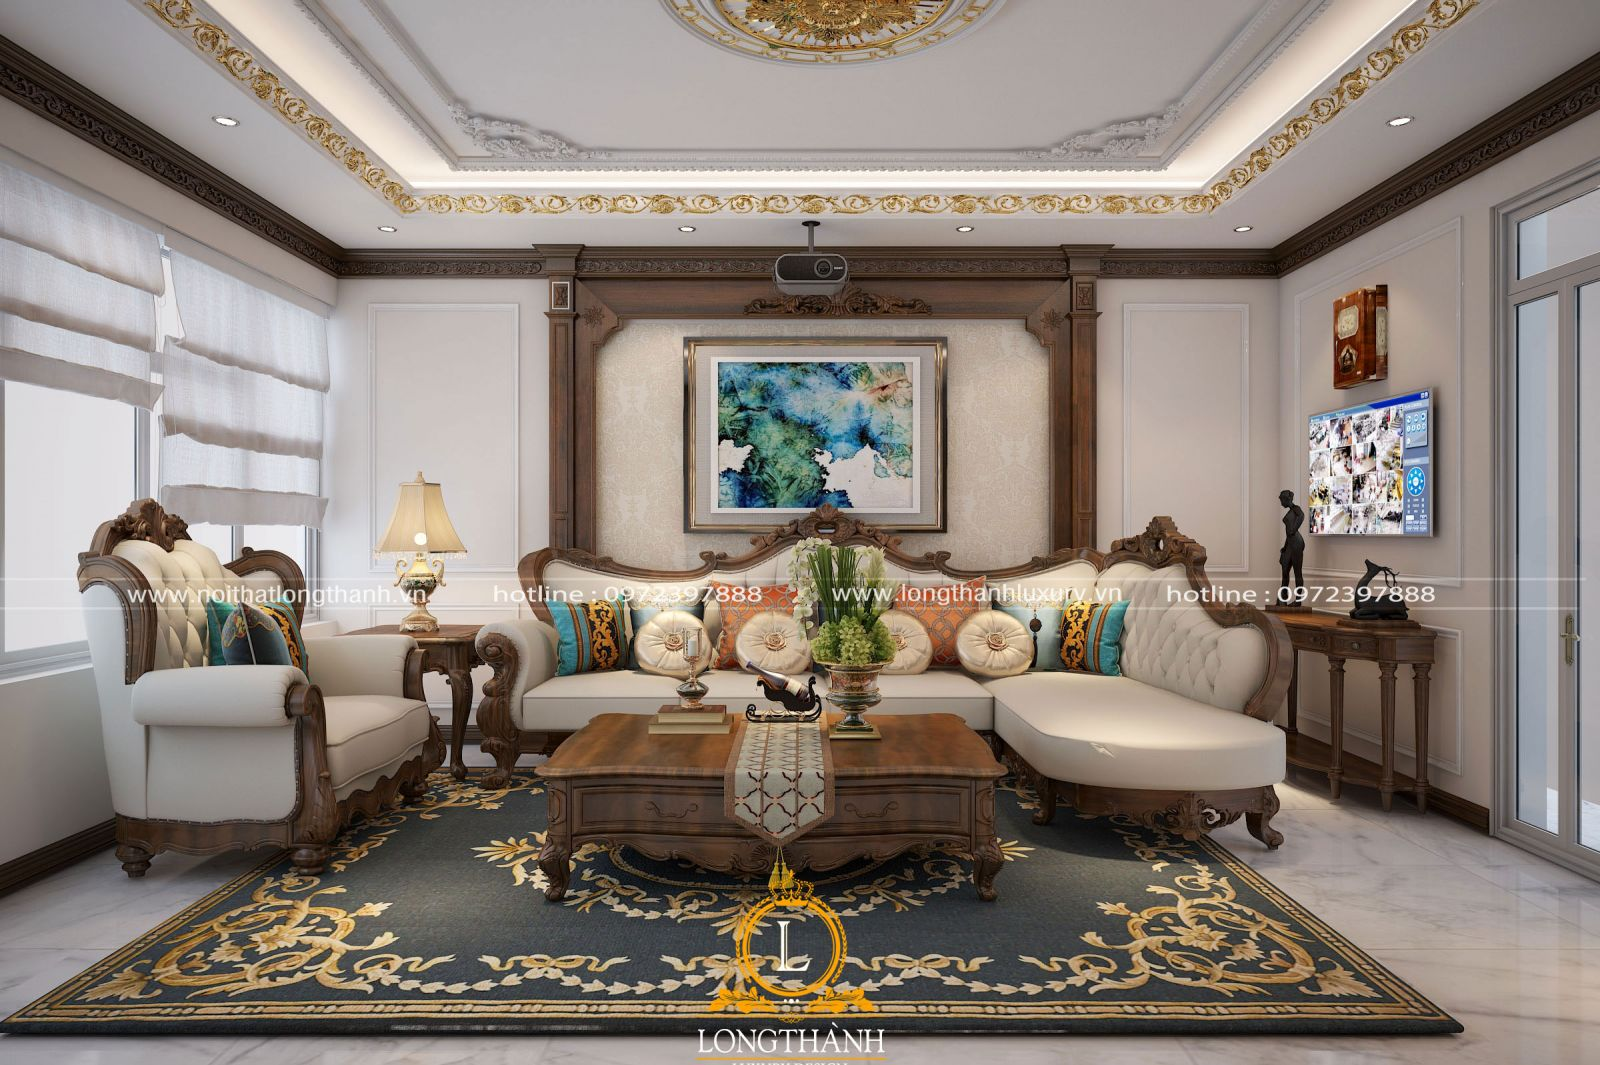 Với diện tích phòng khách vừa phải  giúp chủ nhân dễ dàng bài trí bộ sofa đẹp mắt